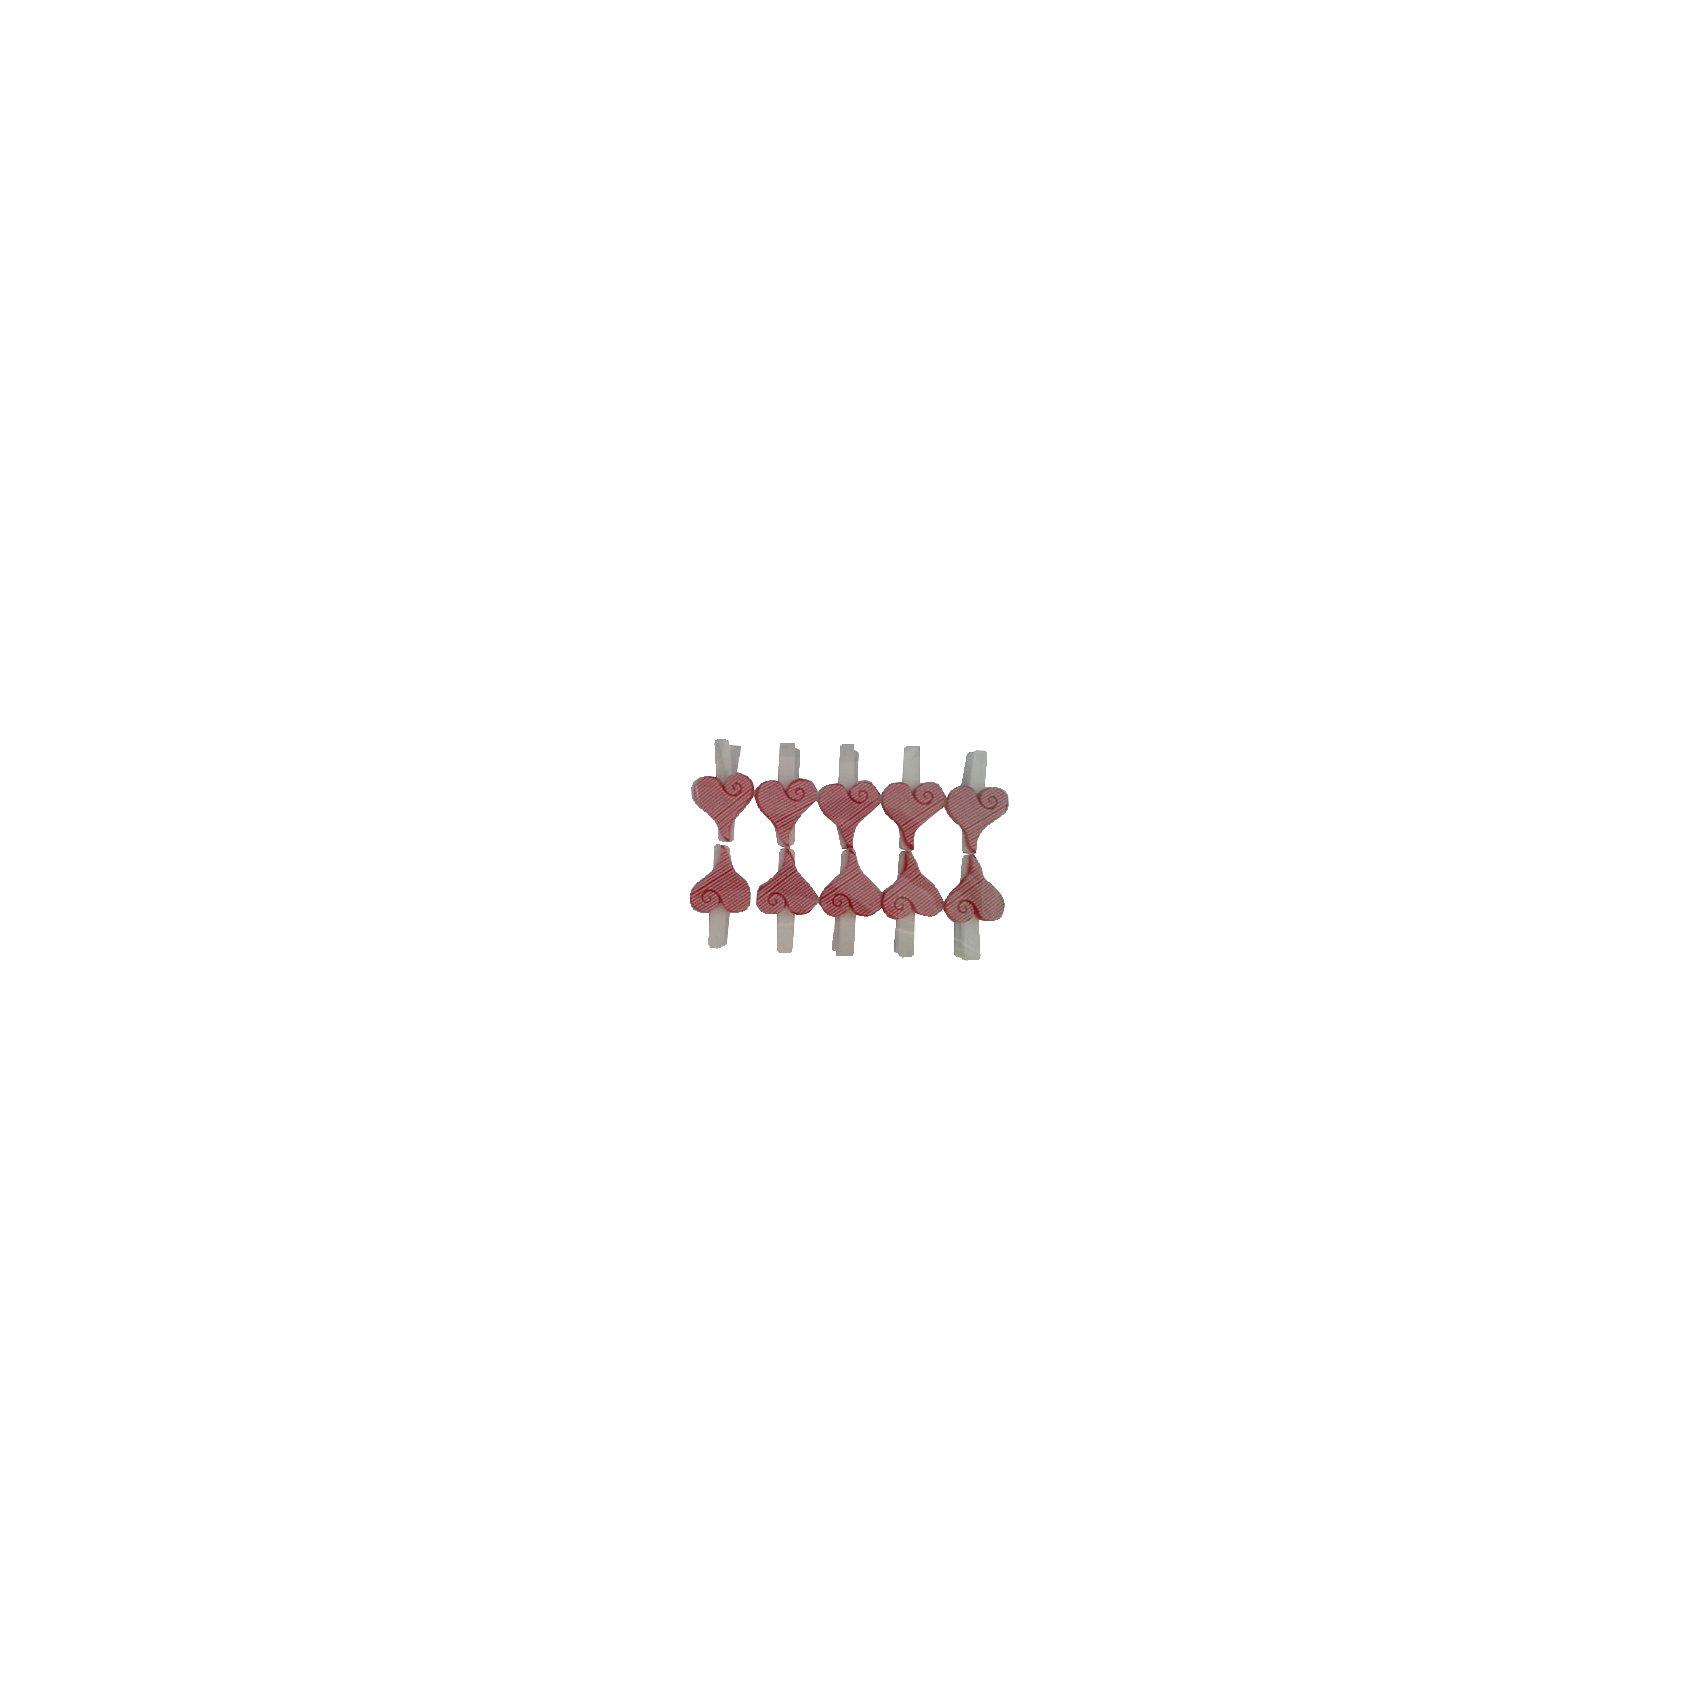 Набор декоративных прищепок Красные сердечки 10 штПредметы интерьера<br>Декоративная прищепка станет приятным дополнением к любому подарку, с помощью нее вы легко украсите подарок, сделаете упаковку оригинальной, нарядной и запоминающейся. <br><br>Дополнительная информация:<br><br>- Материал: дерево, полирезина.<br>- 10 штук в наборе.<br>- Размер упаковки: 14,2х9,6х2,3 см.<br>- Цвет: красный, белый.<br><br>Набор декоративных прищепок Красные сердечки, 10 шт, можно купить в нашем магазине.<br><br>Ширина мм: 140<br>Глубина мм: 180<br>Высота мм: 240<br>Вес г: 80<br>Возраст от месяцев: 36<br>Возраст до месяцев: 2147483647<br>Пол: Женский<br>Возраст: Детский<br>SKU: 4501155